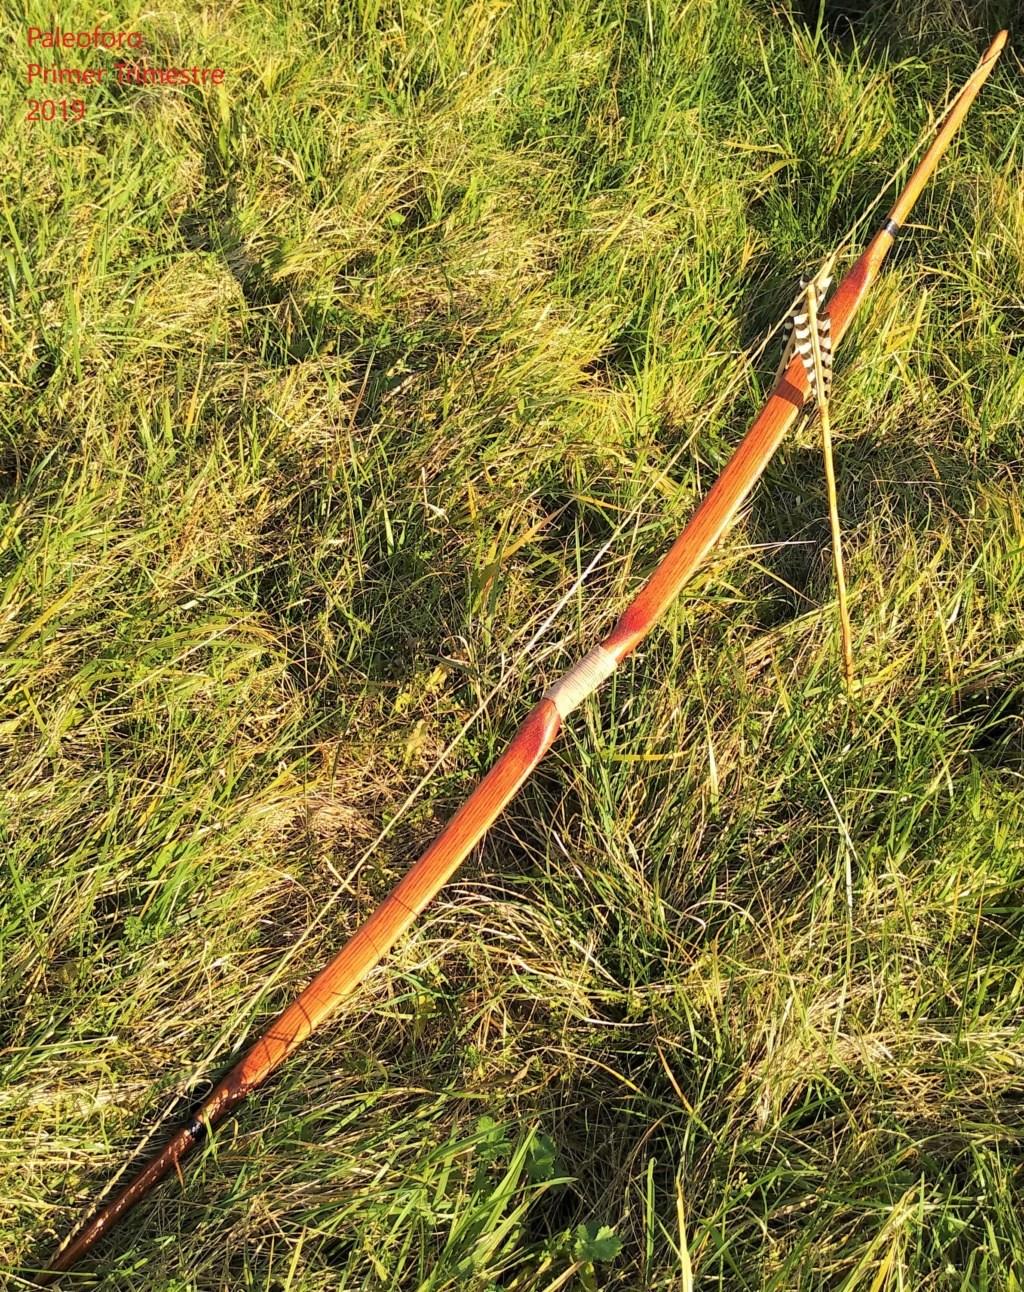 Mollegabet protegido con piel de serpiente Img_2080